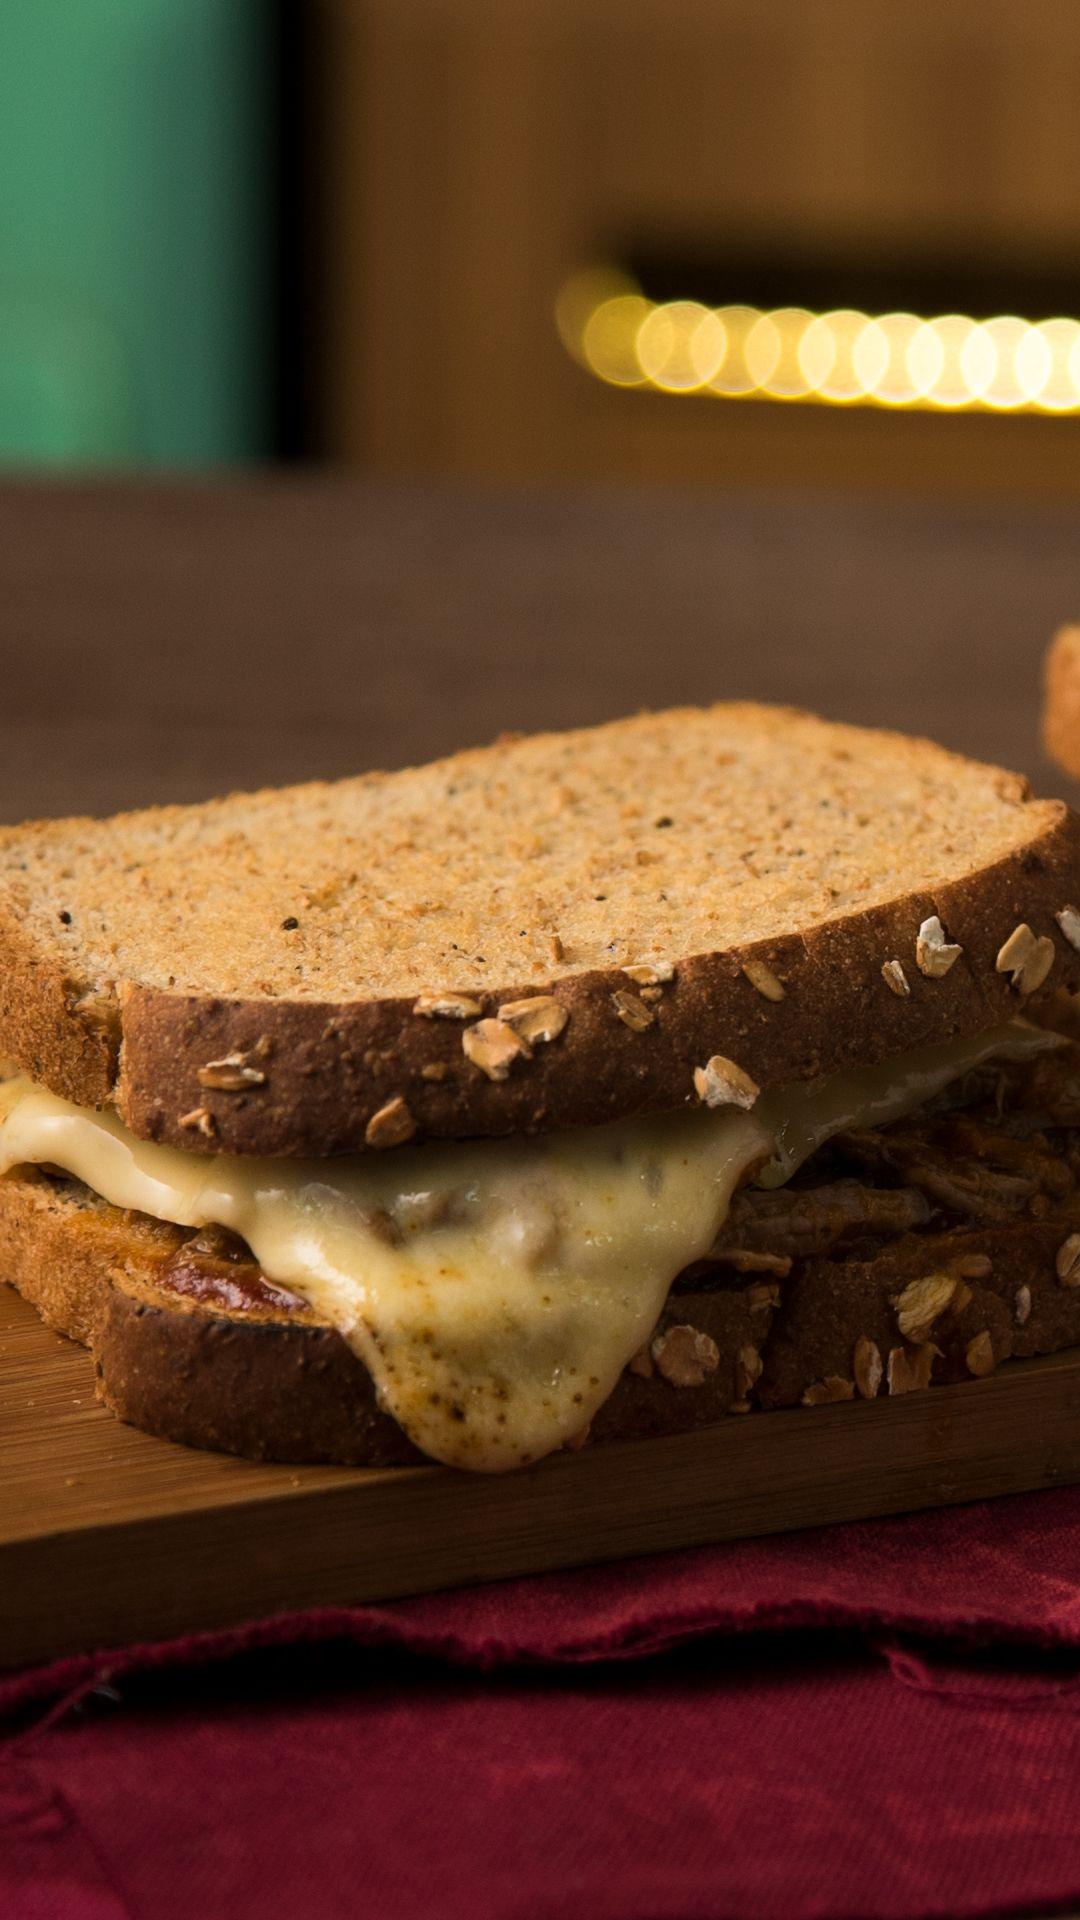 Sandwich De Carne Desmenuzada Y Barbacoa Receta Video Receta Video Recetas Fáciles De Comida Recetas De Comida Recetas De Comida Fáciles